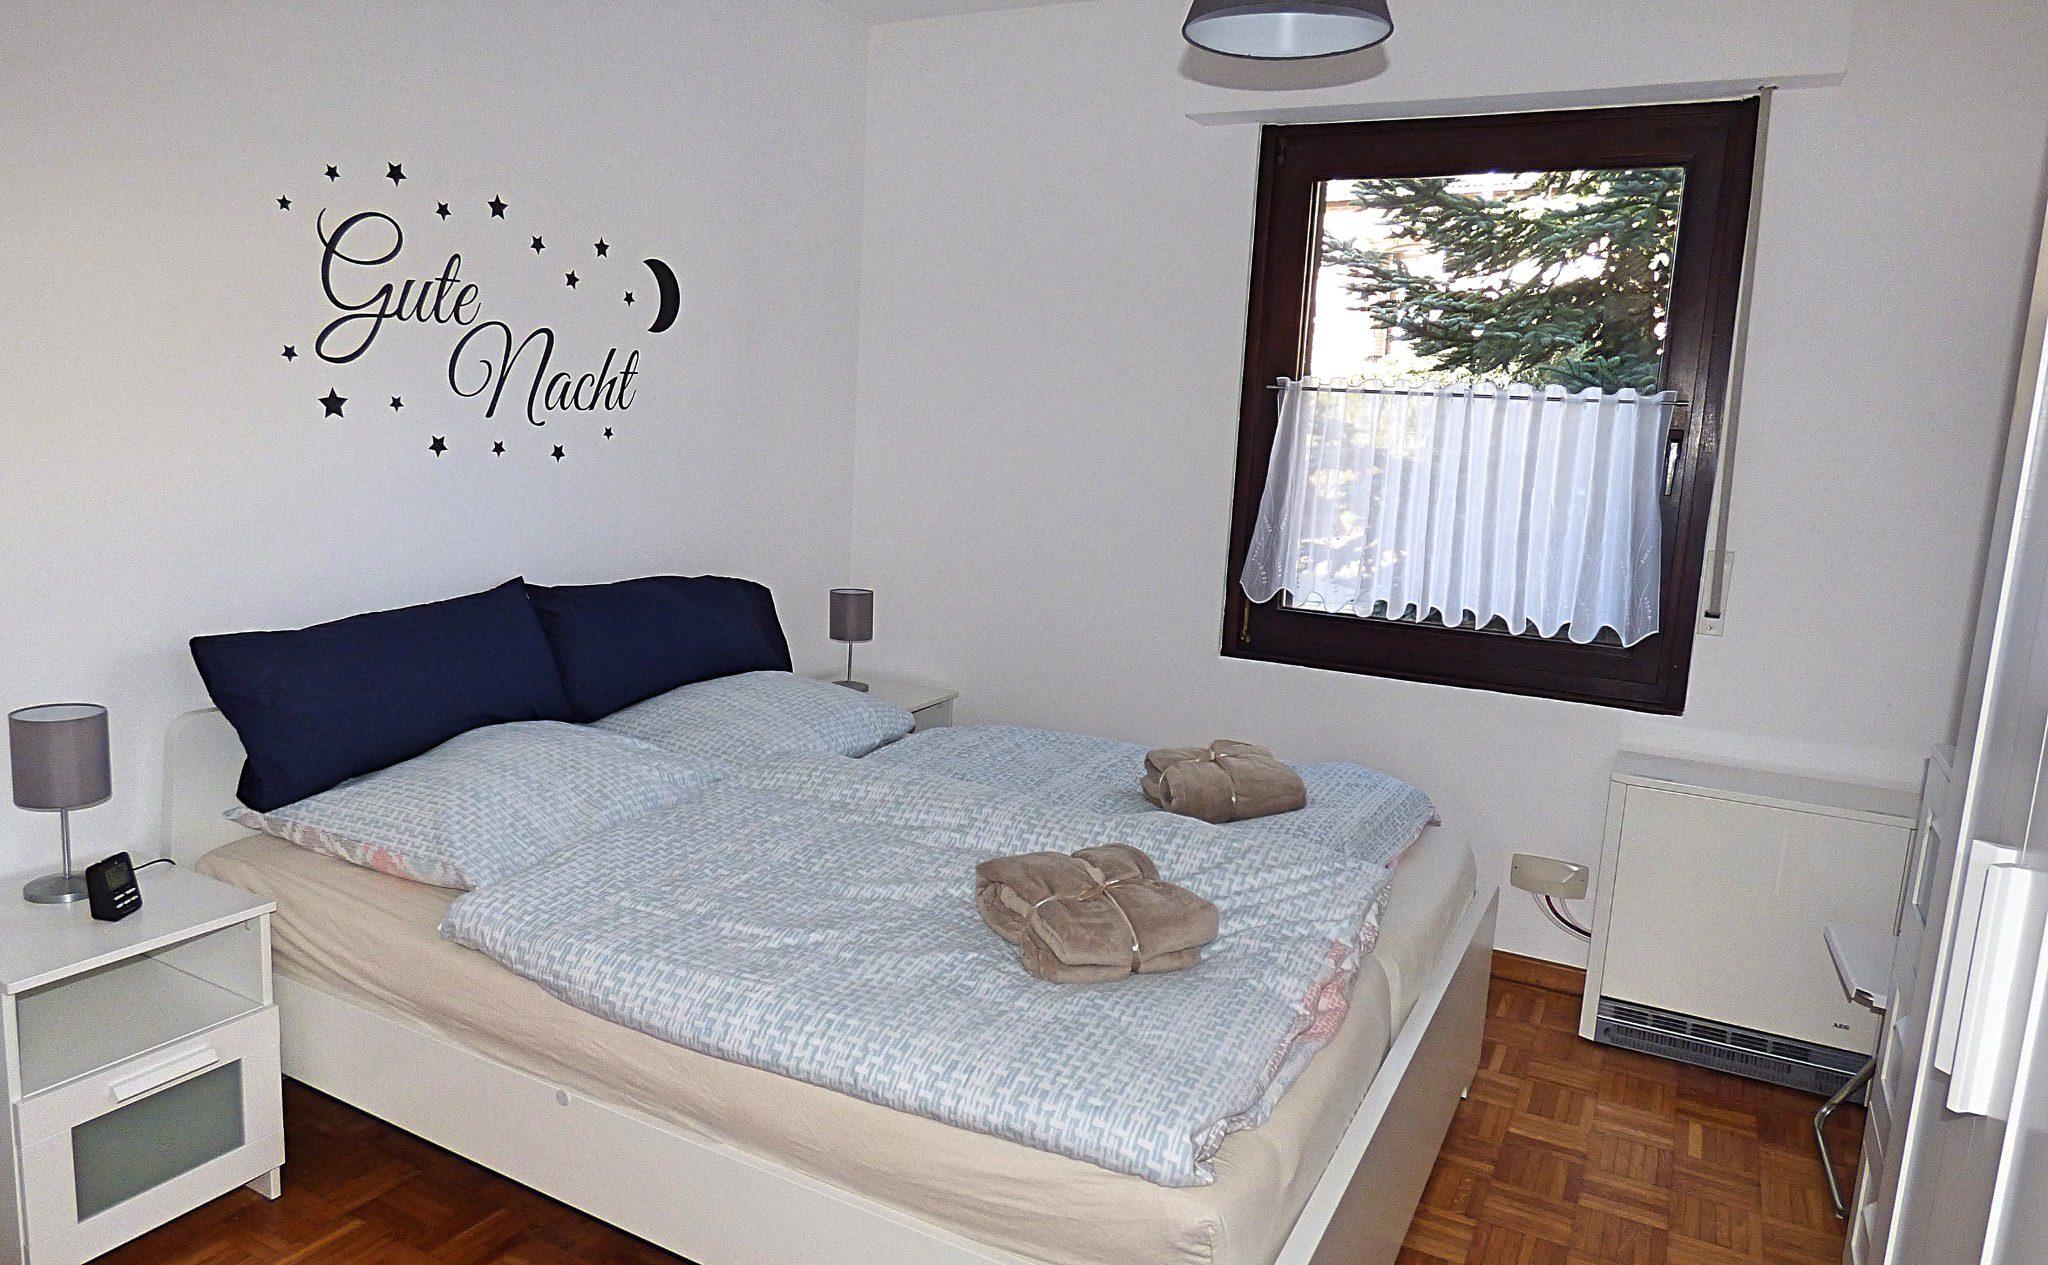 Ferienhaus Höhenflug - Schlafzimmer